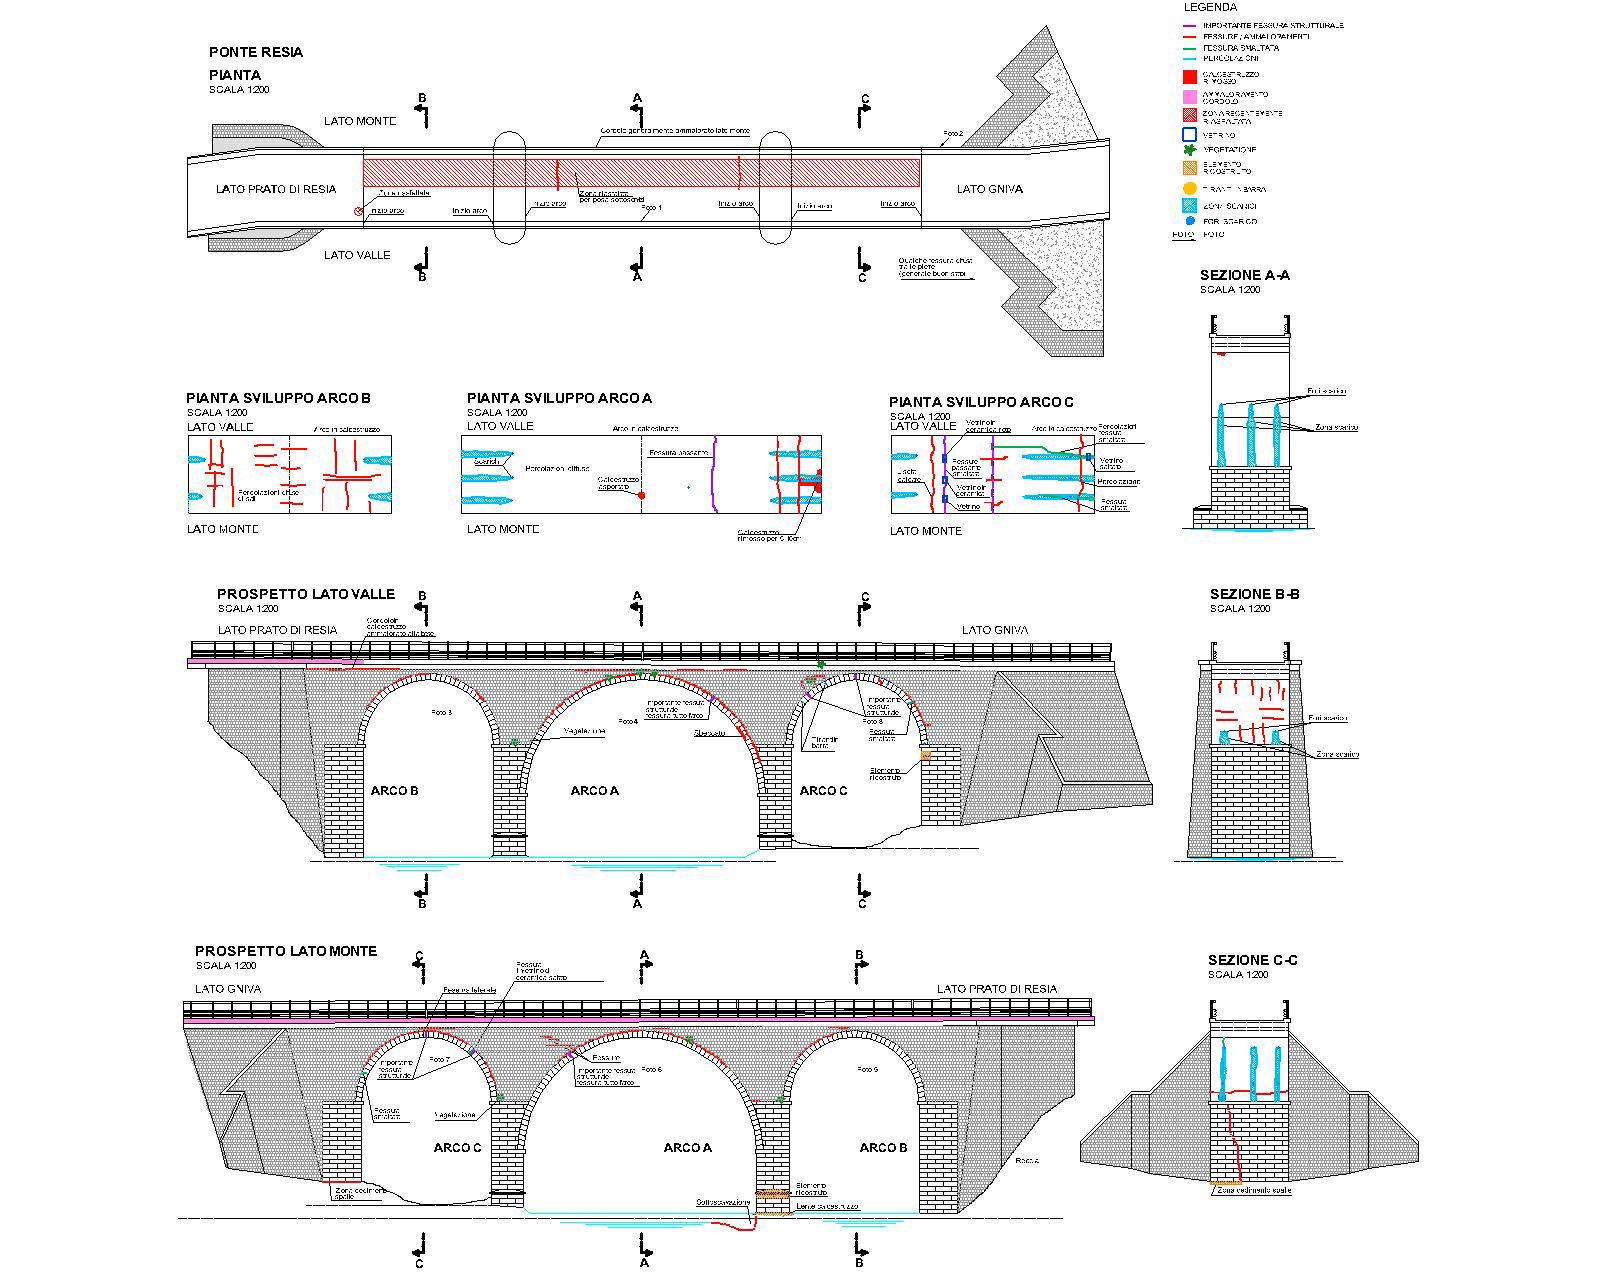 disegno zone di intervento al ponte di Resia